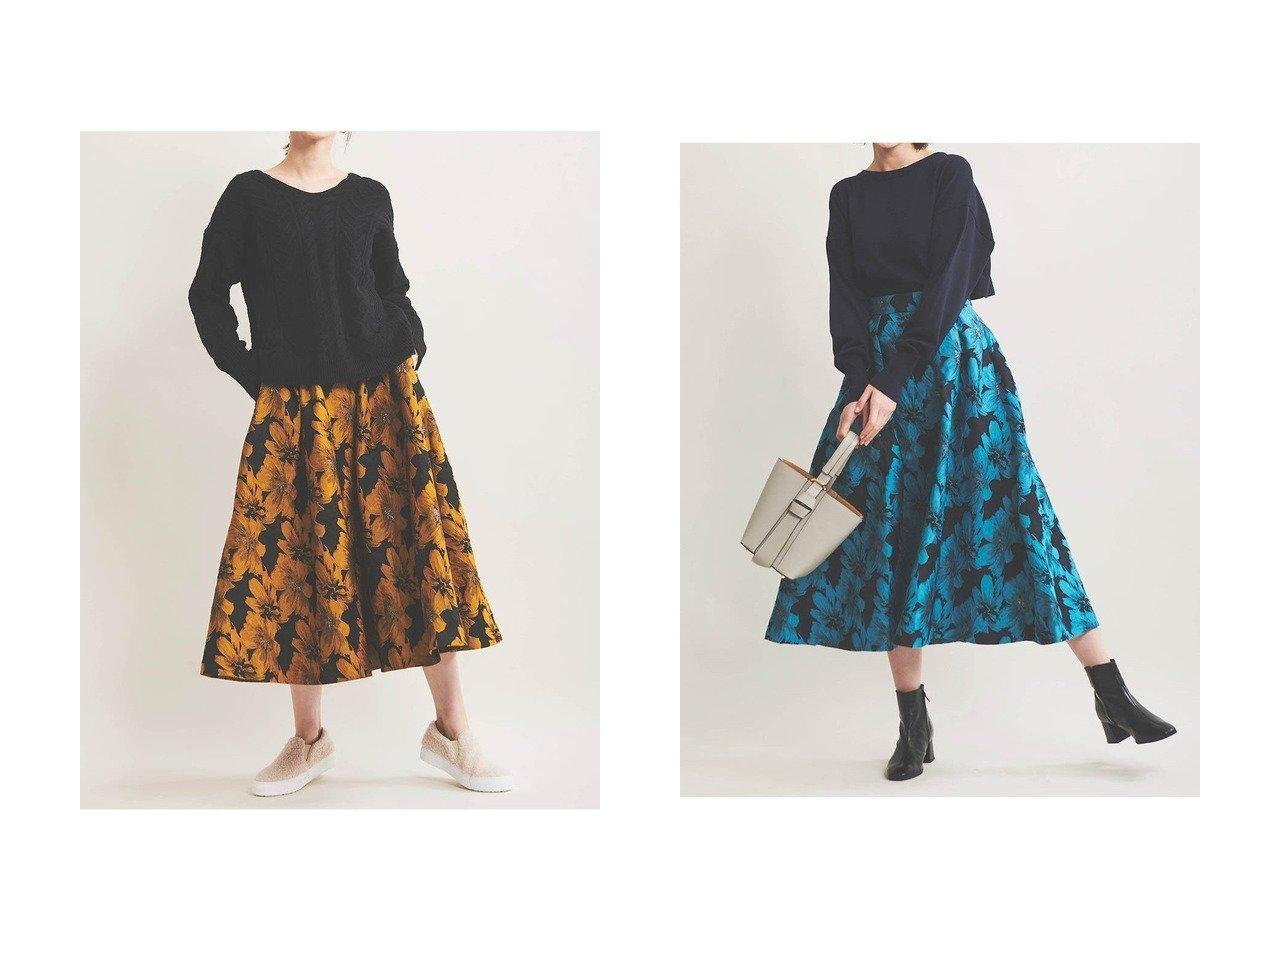 【The Virgnia/ザ ヴァージニア】のフラワージャガードフレアスカート スカートのおすすめ!人気、レディースファッションの通販 おすすめで人気のファッション通販商品 インテリア・家具・キッズファッション・メンズファッション・レディースファッション・服の通販 founy(ファニー) https://founy.com/ ファッション Fashion レディース WOMEN スカート Skirt Aライン/フレアスカート Flared A-Line Skirts ロングスカート Long Skirt シンプル フレア ロング 冬 Winter |ID:crp329100000002655